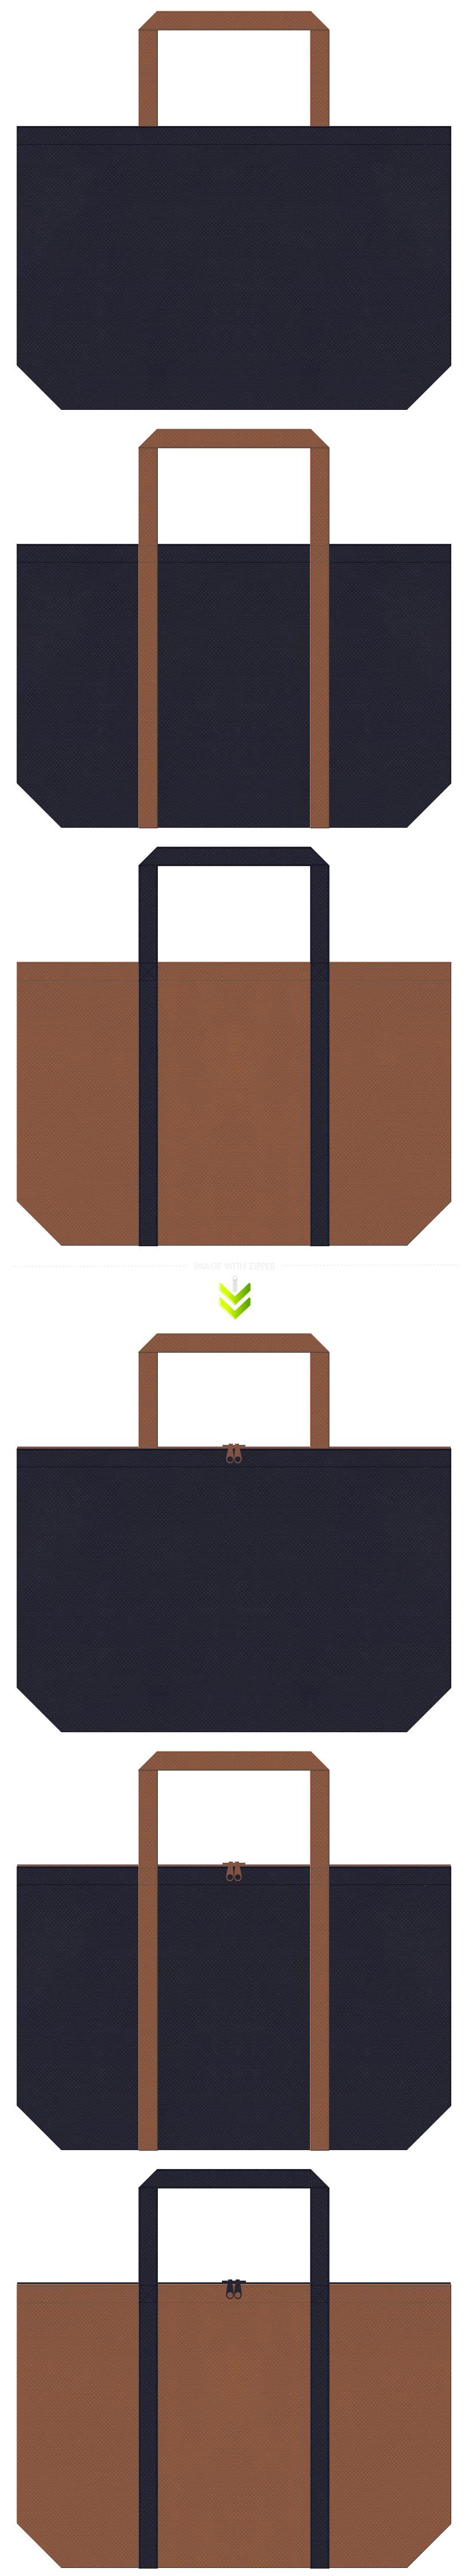 濃紺色と茶色の不織布エコバッグのデザイン。カジュアルのショッピングバッグにお奨めです。